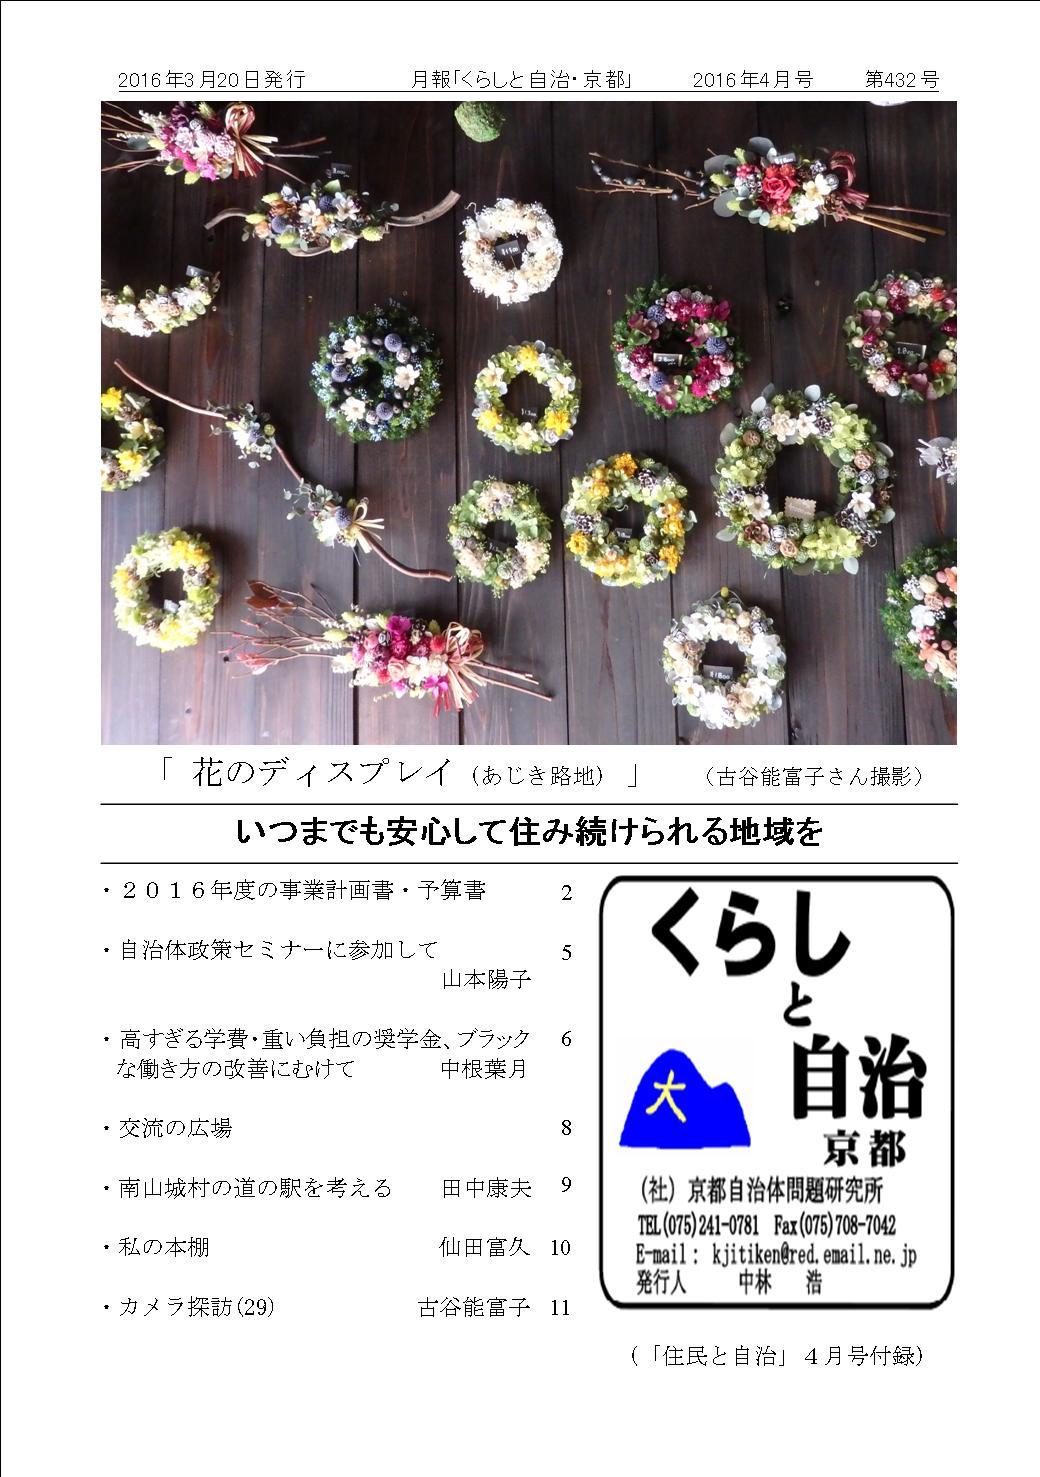 月報「くらしと自治・京都」2015年04月号 第432号